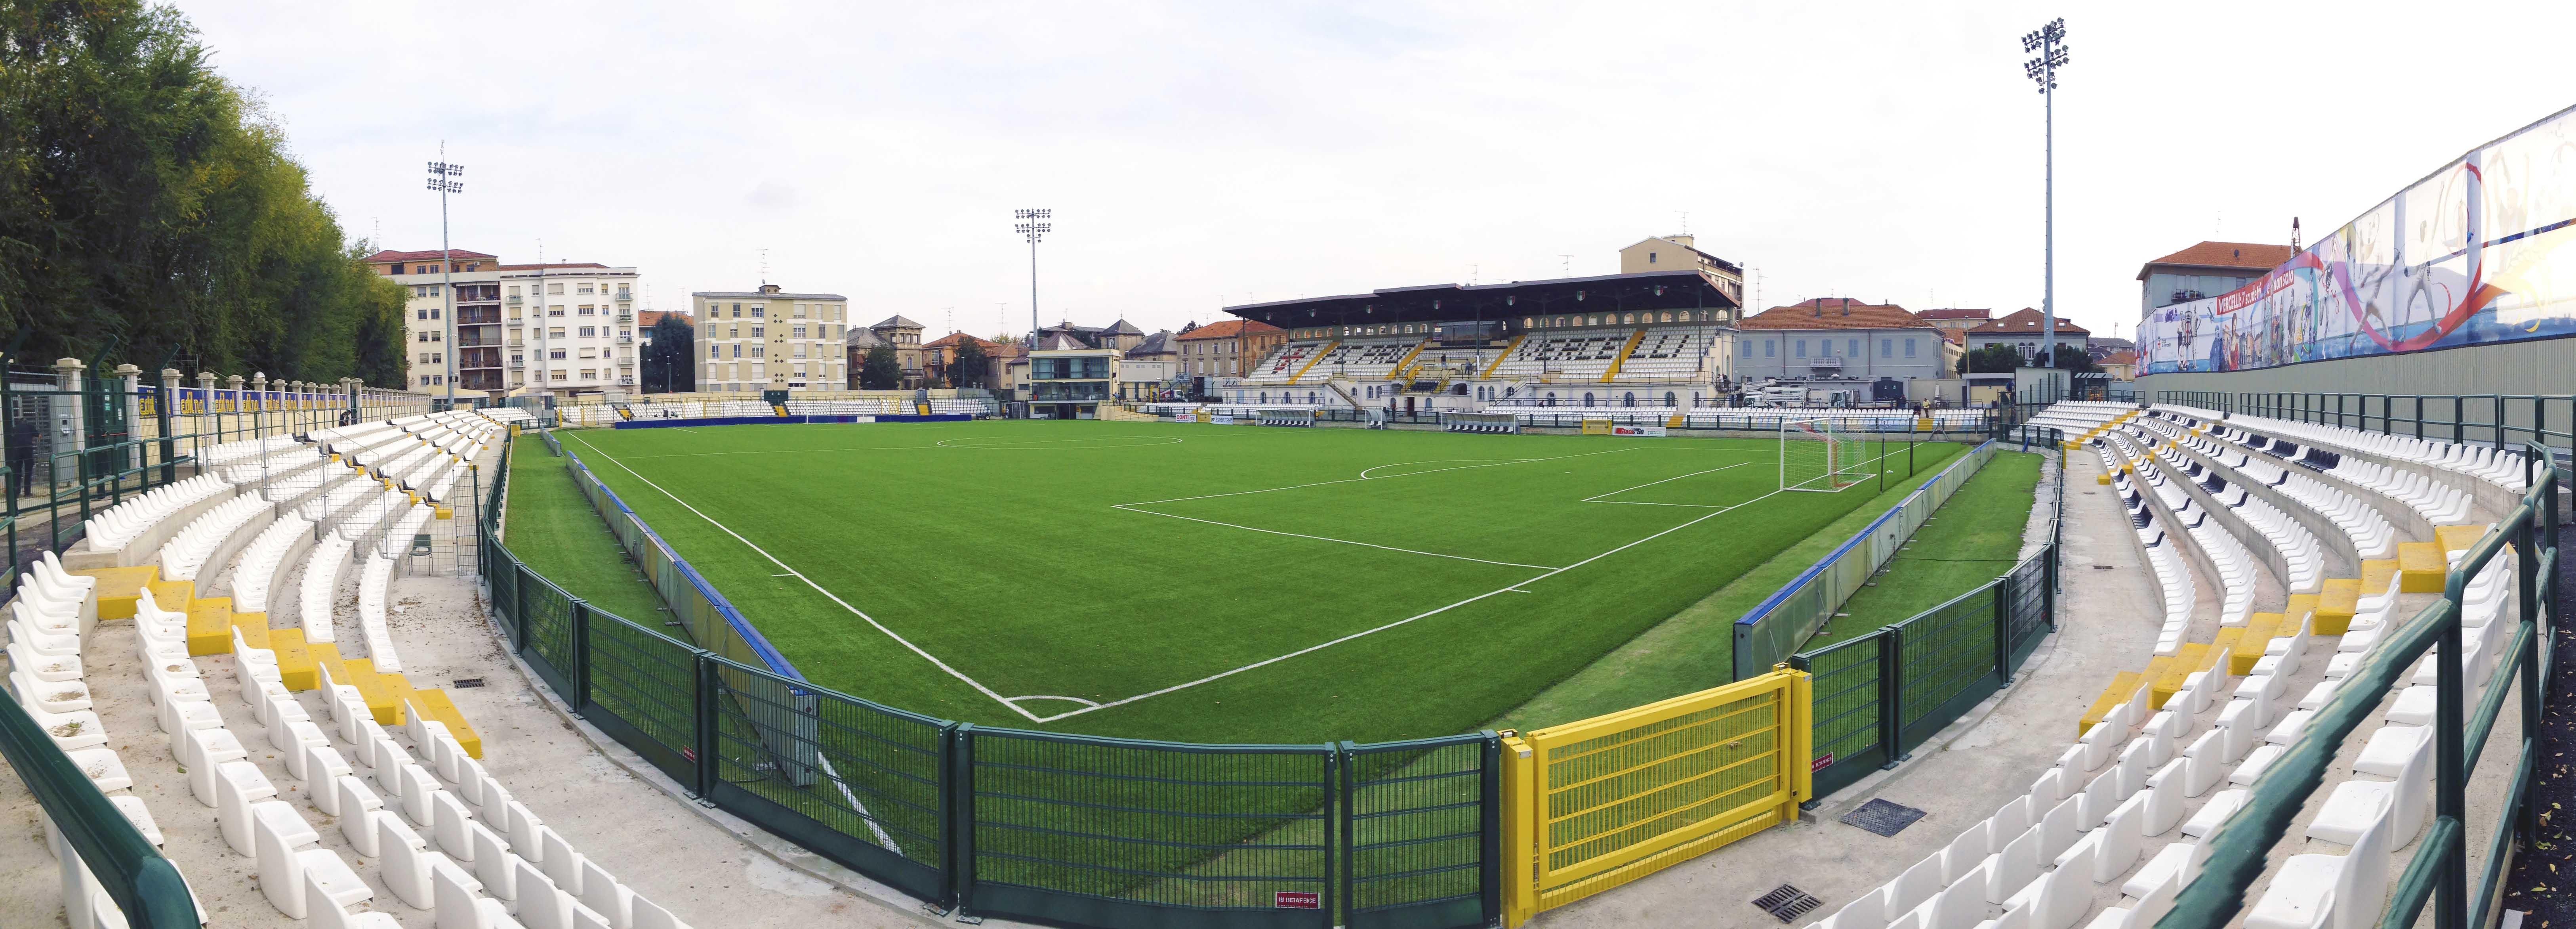 Stadio_Piola_(Vercelli),_vista_completa